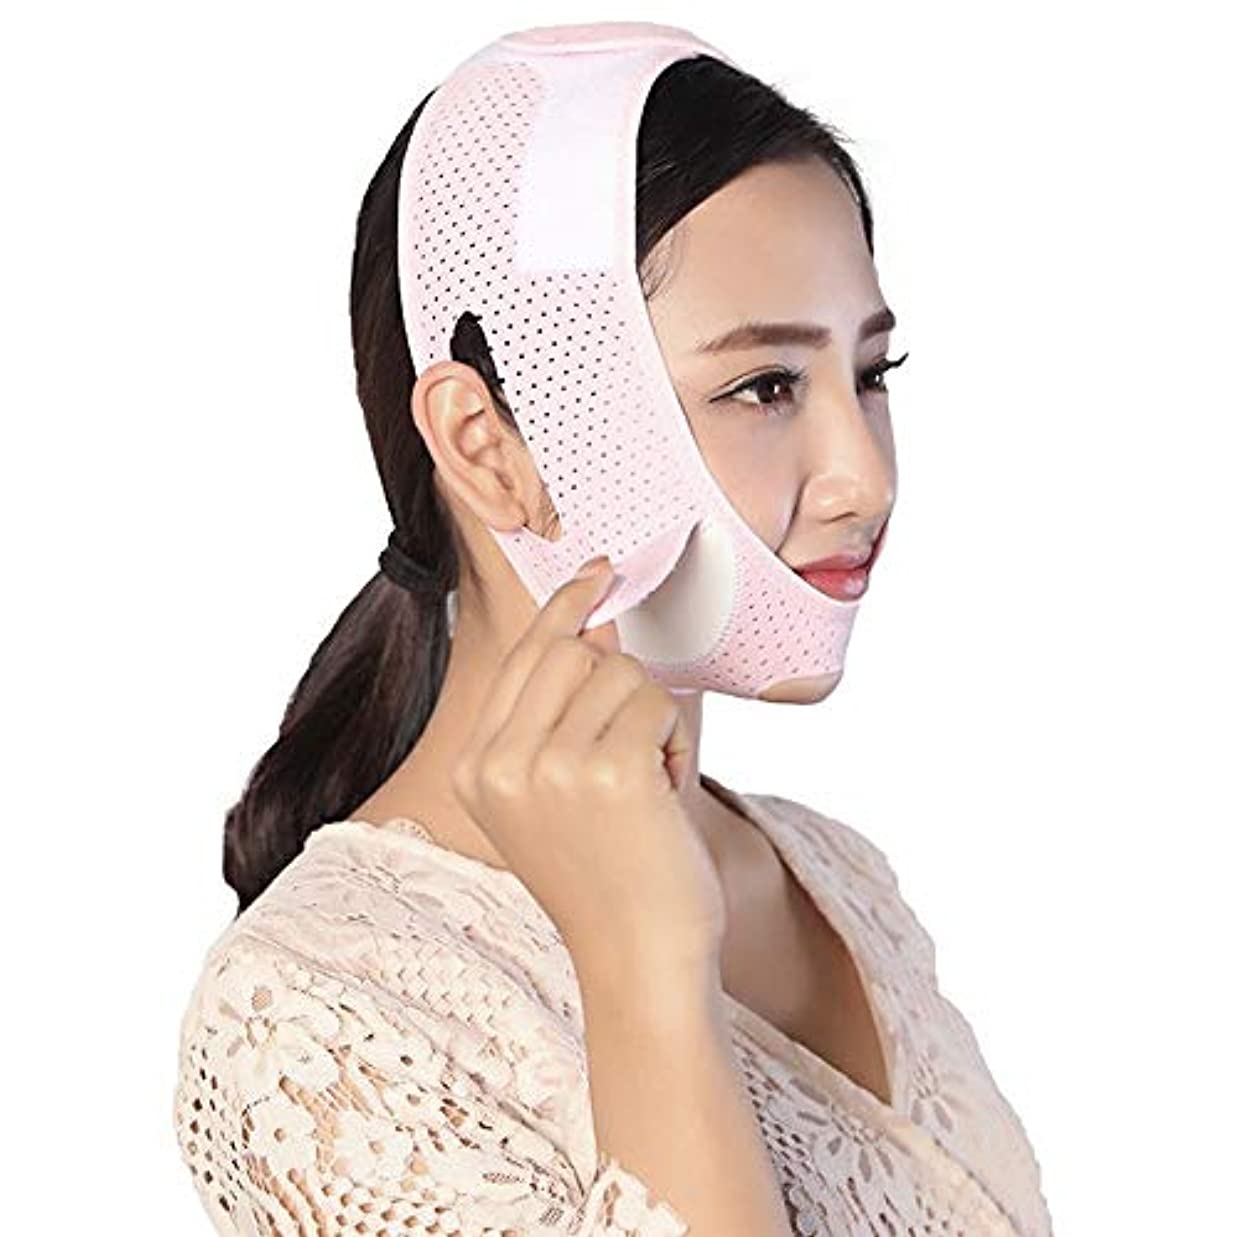 親キャロライン指紋Minmin フェイシャルリフティング痩身ベルト - 圧縮二重あご減量ベルトスキンケア薄い顔包帯 みんみんVラインフェイスマスク